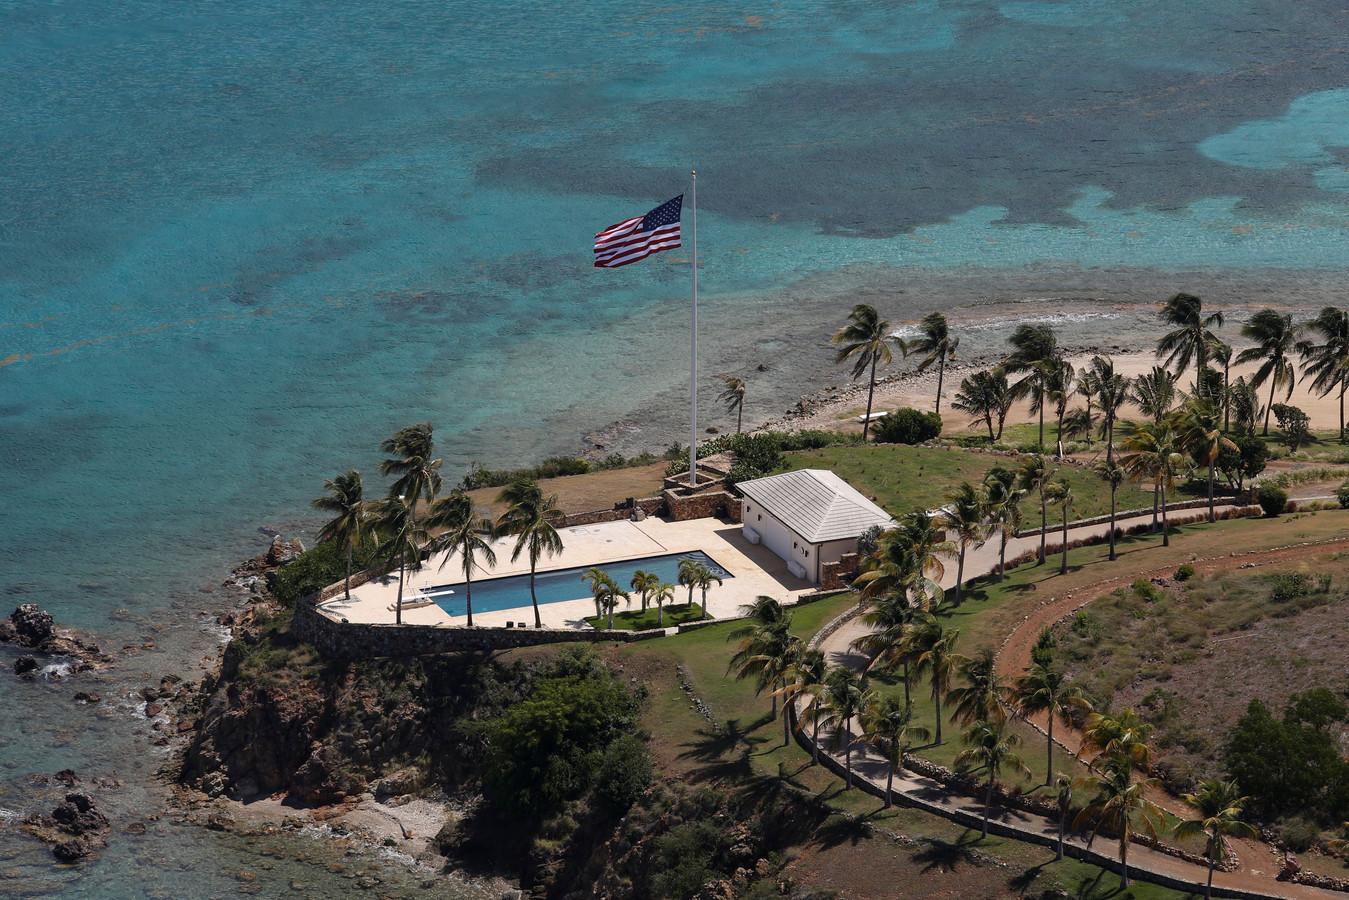 Le millionnaire possédait deux îles privées dans l'archipel des Iles Vierges, Little St. James et Great St. James.